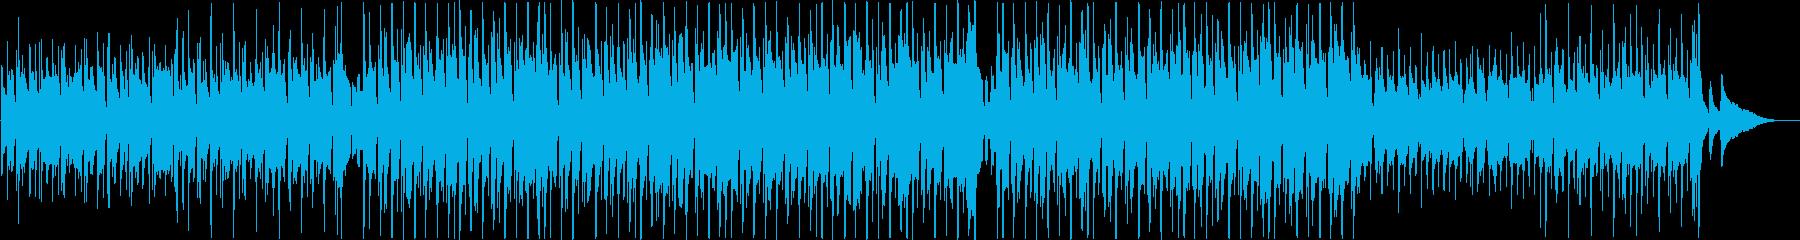 アコギ主体のほのぼのおさんぽポップスの再生済みの波形